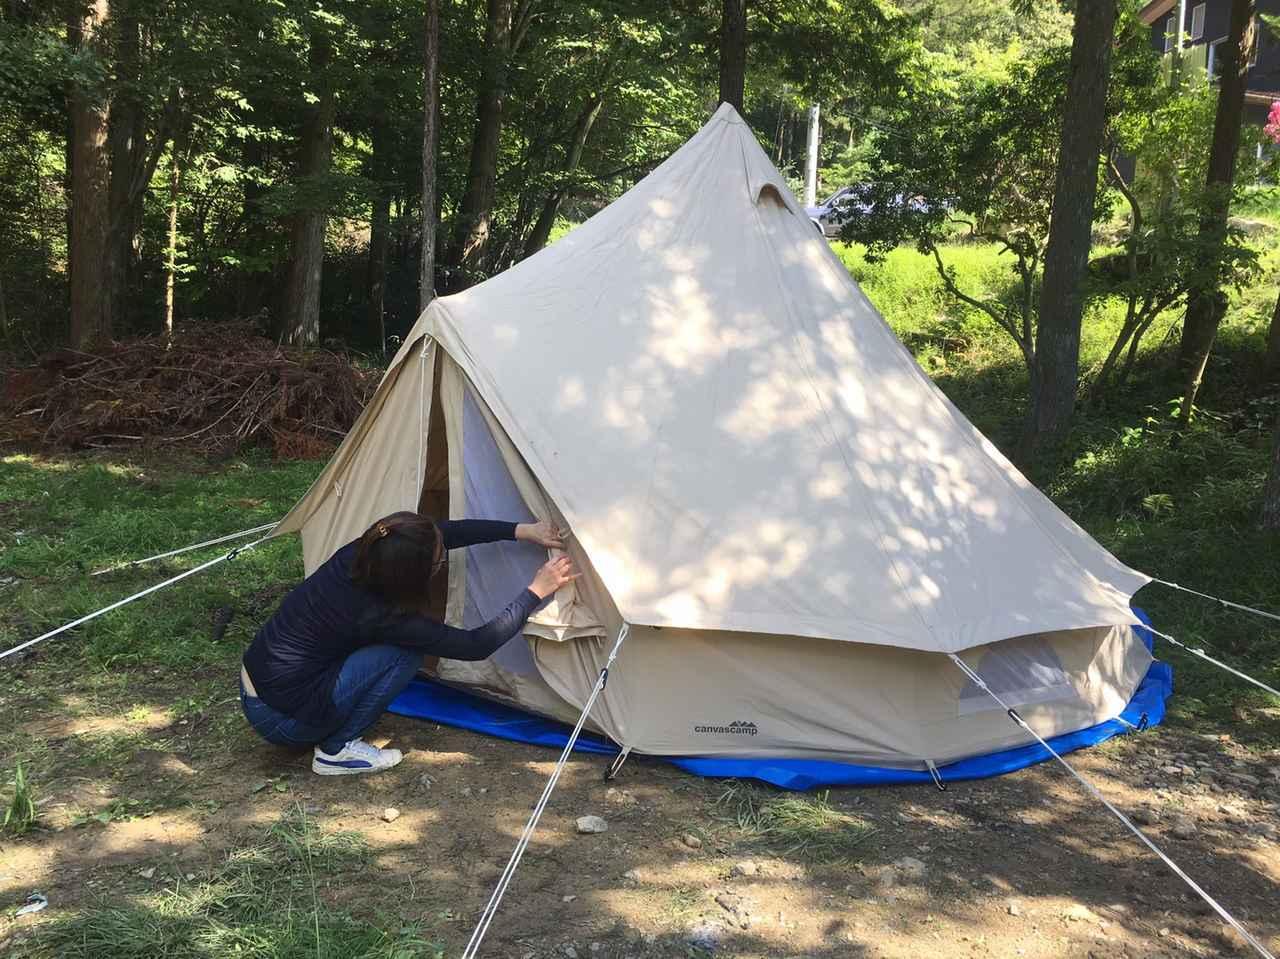 画像: 【女子1人で設営】キャンバスキャンプ製「コットンテント」シブレー400を設営! - ハピキャン(HAPPY CAMPER)